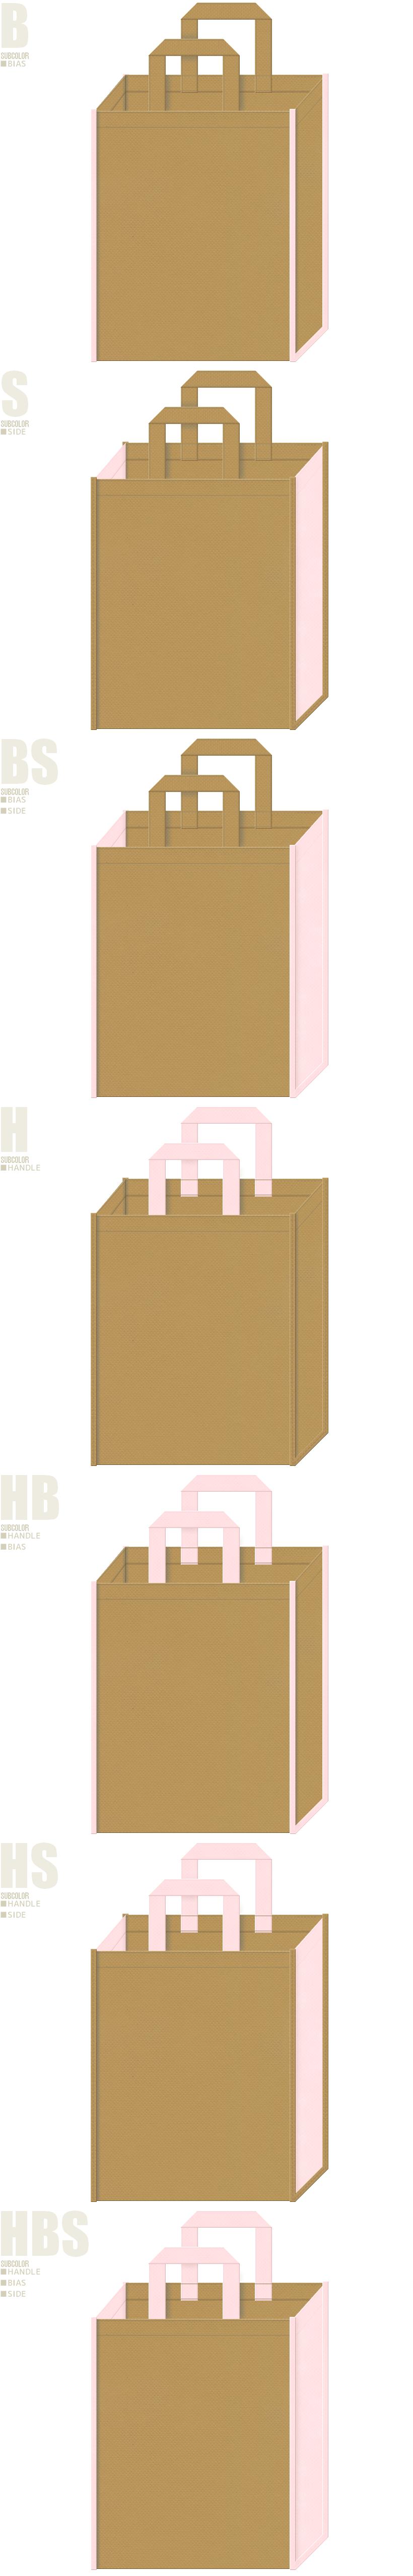 ペットショップ・ペットサロン・アニマルケア・ペット用品の展示会用バッグにお奨めの不織布バッグデザイン:マスタード色と桜色の配色7パターン。